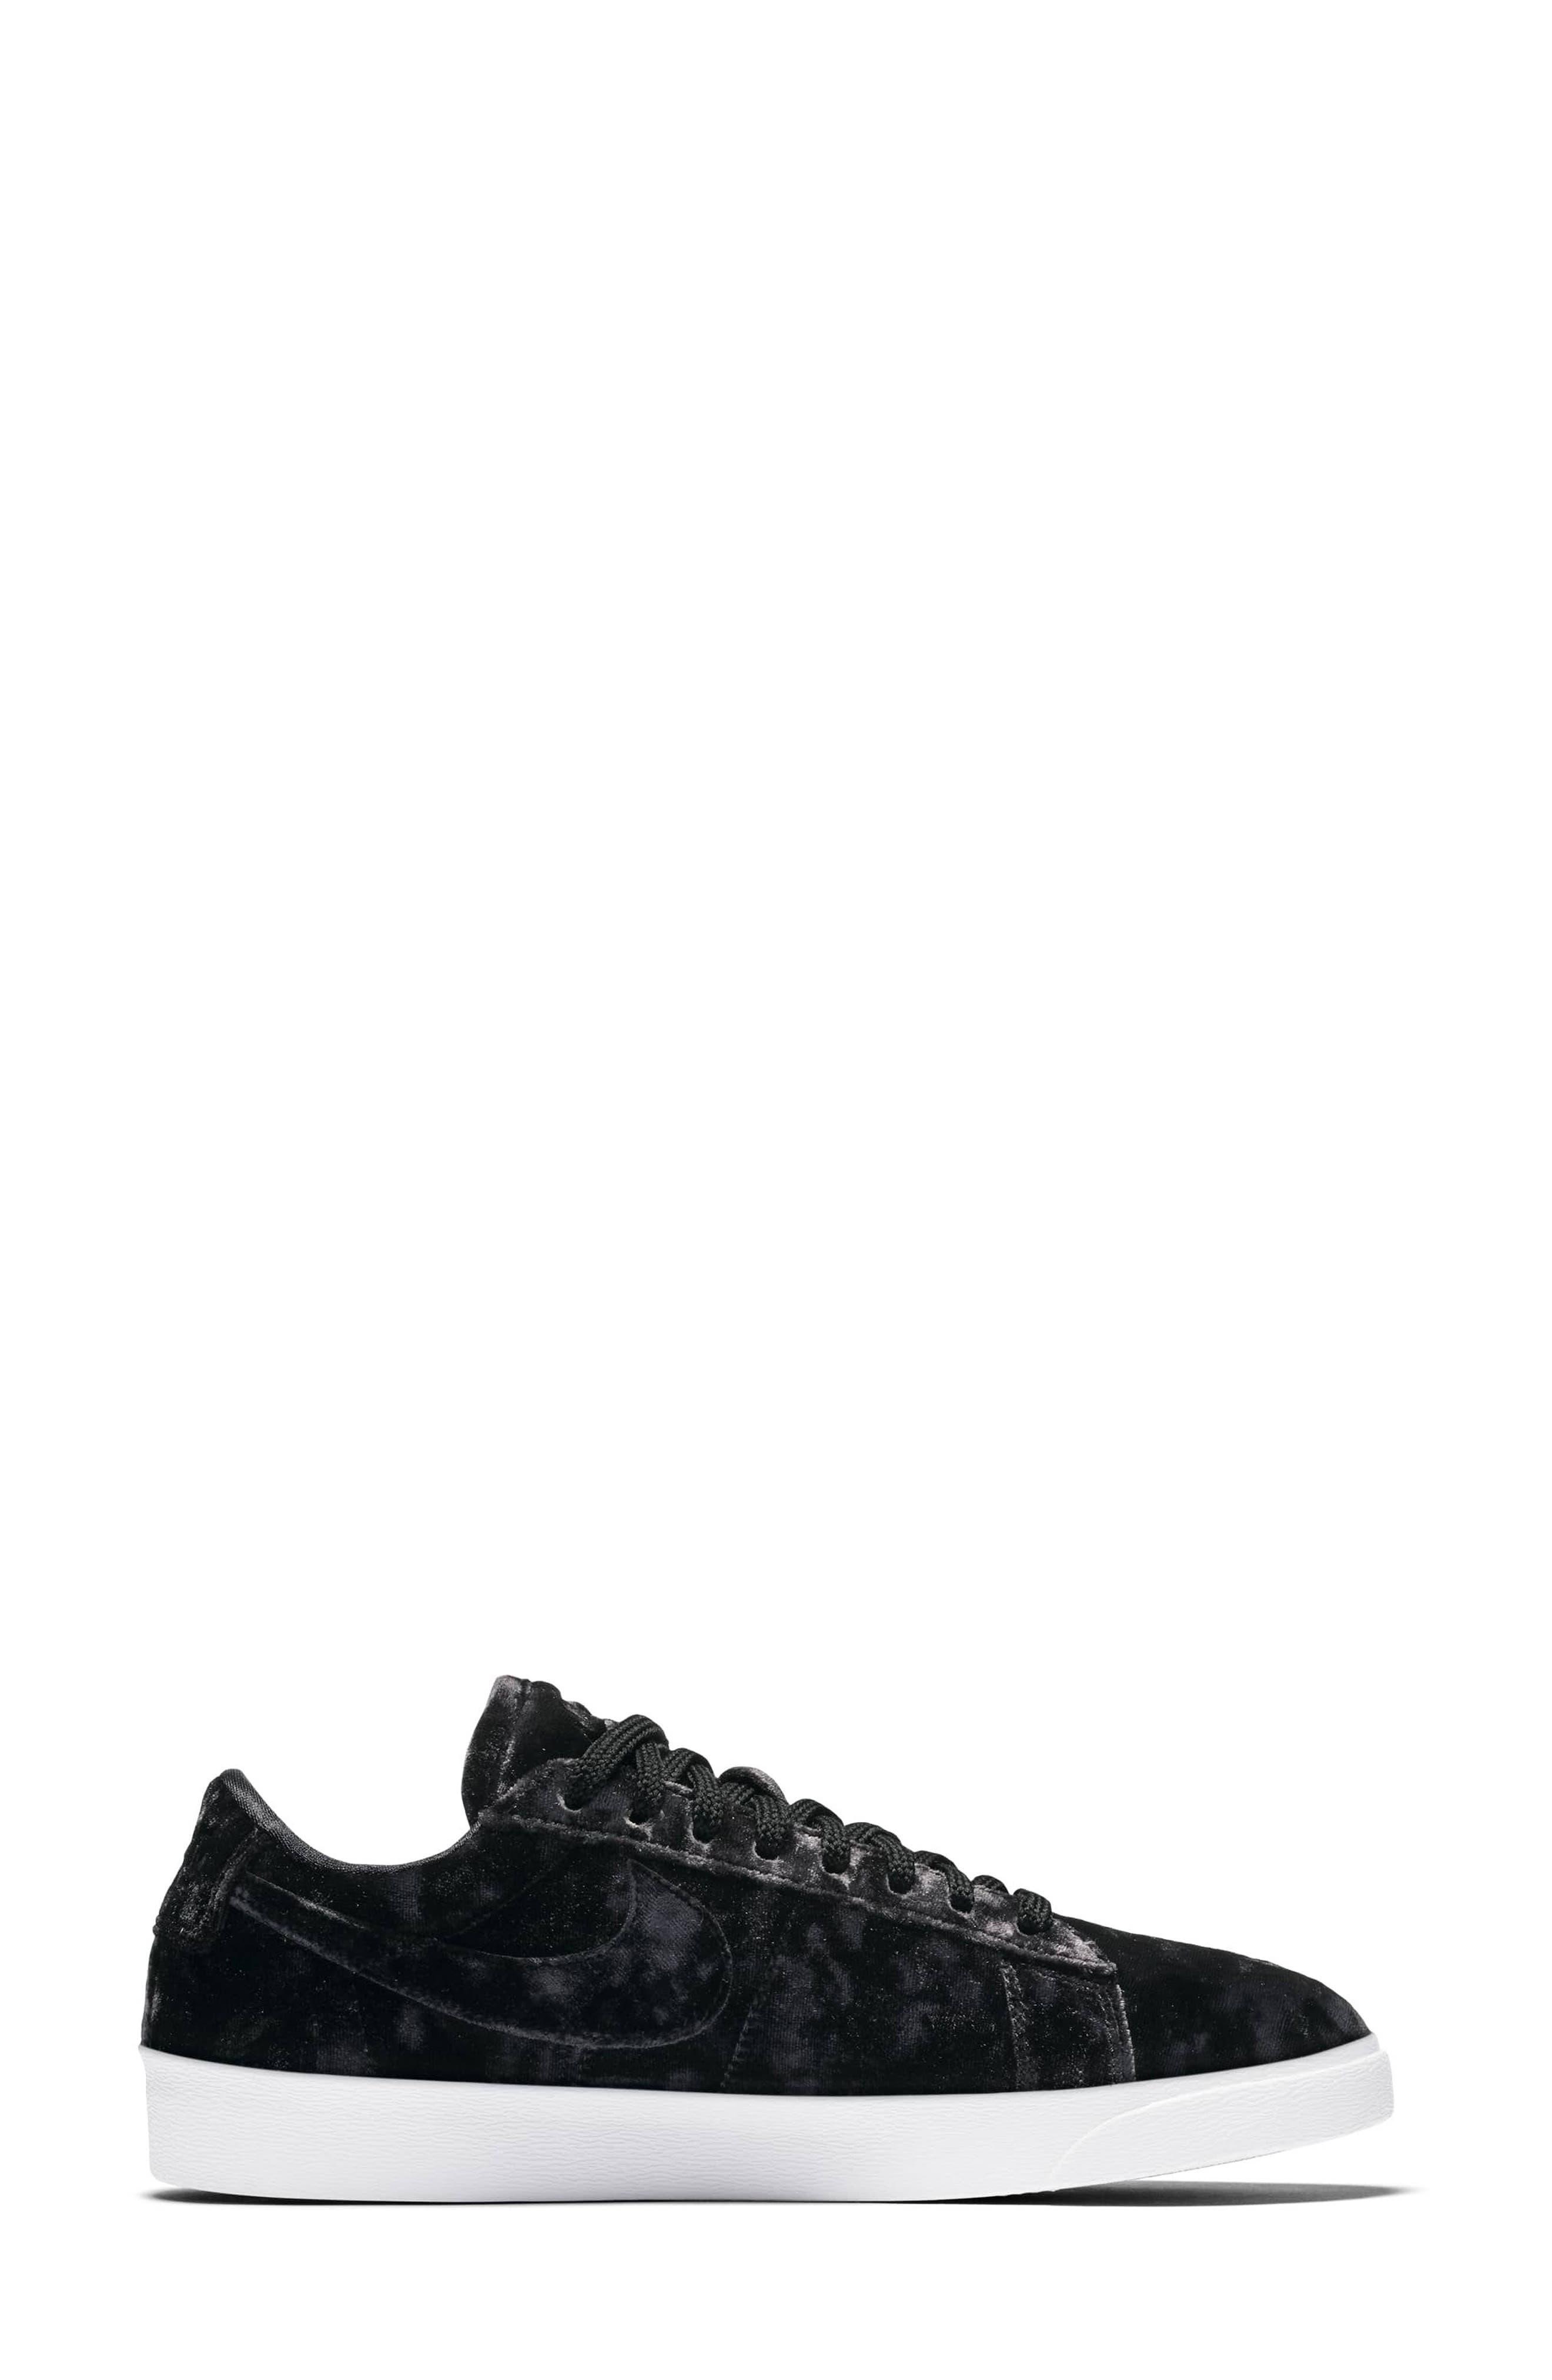 Blazer Low X Sneaker,                             Alternate thumbnail 3, color,                             003